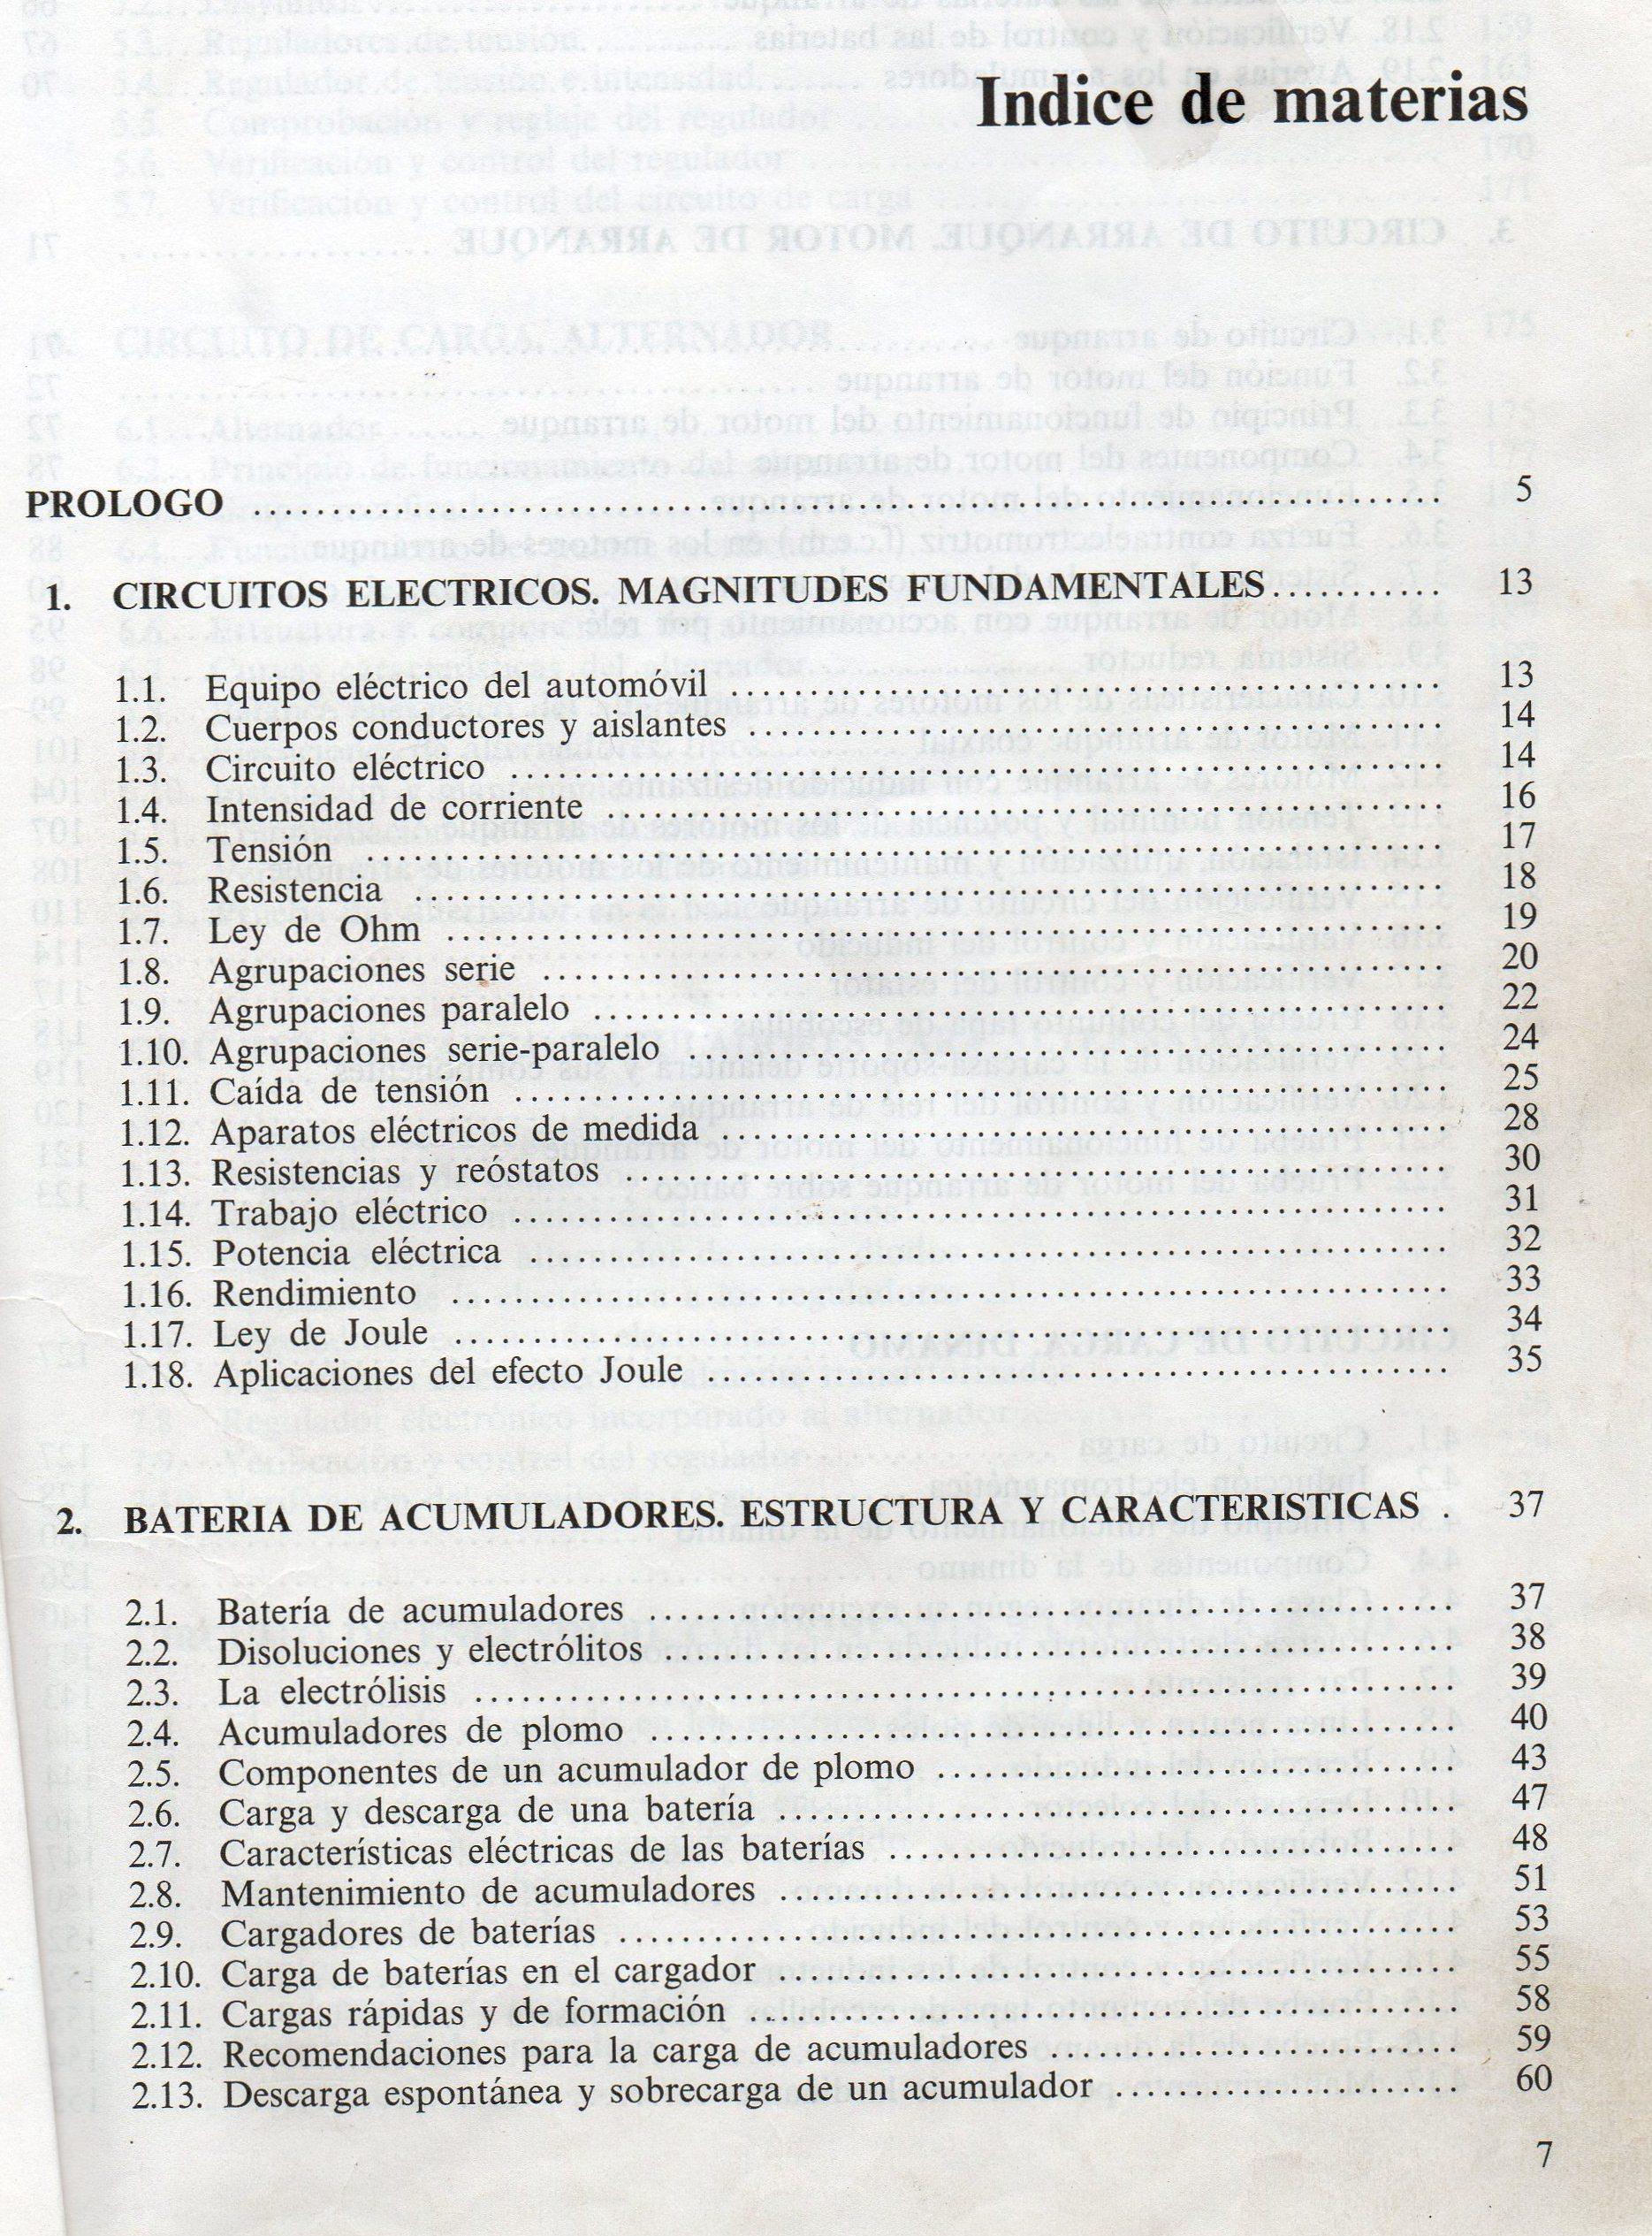 ELECTRICIDAD - image/jpeg